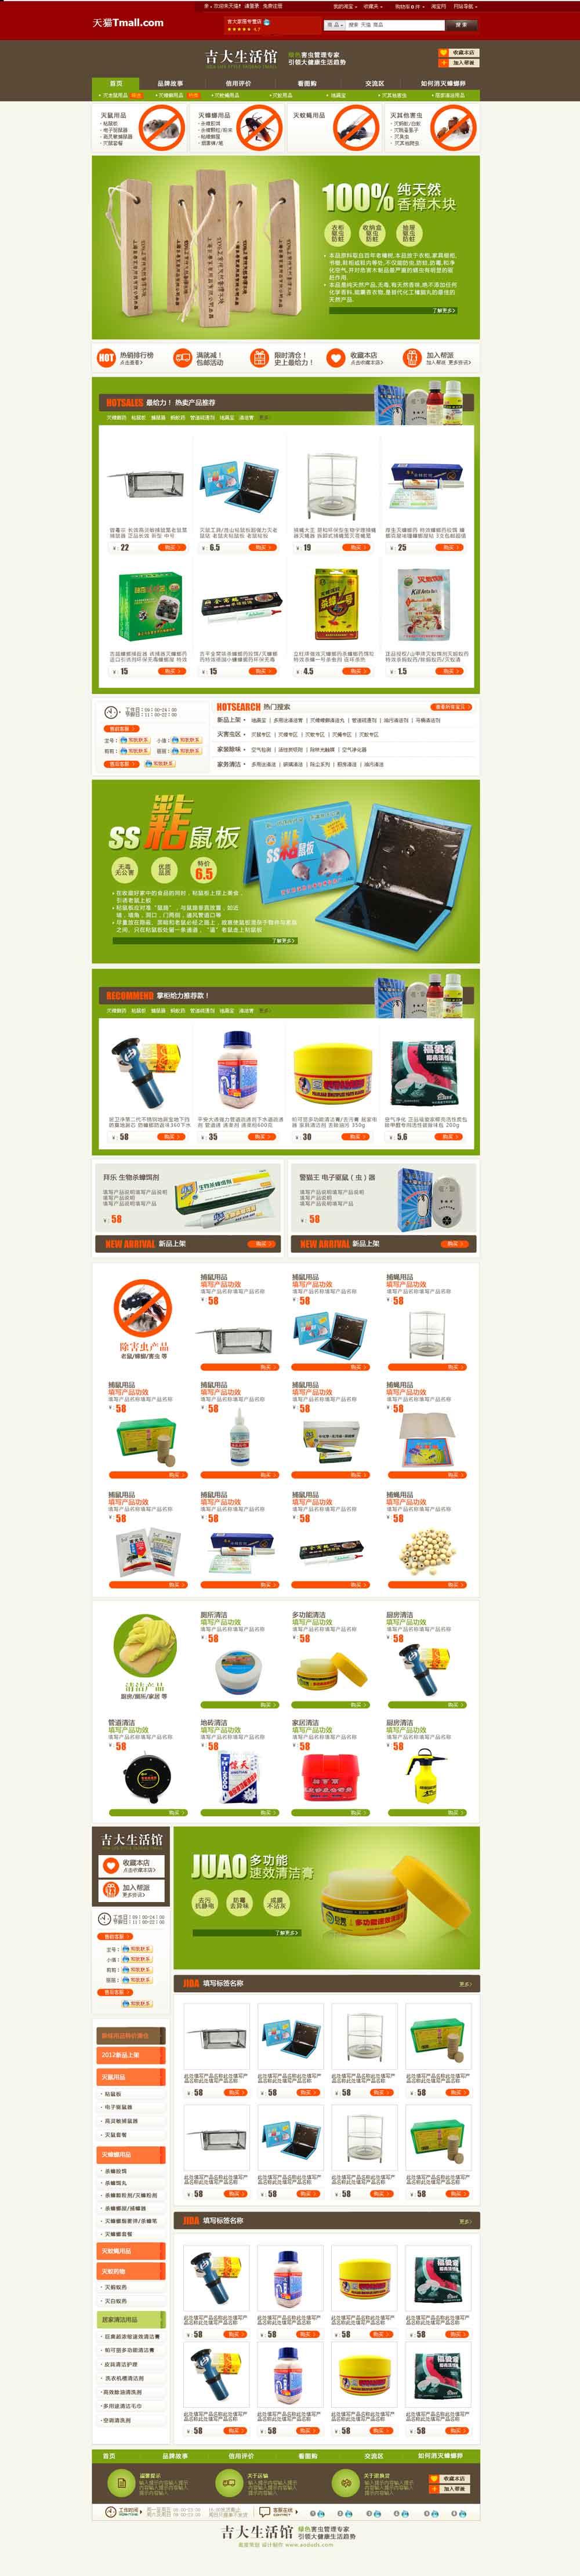 淘宝旺铺装修专业版生活家居行业通用首页PSD素材下载